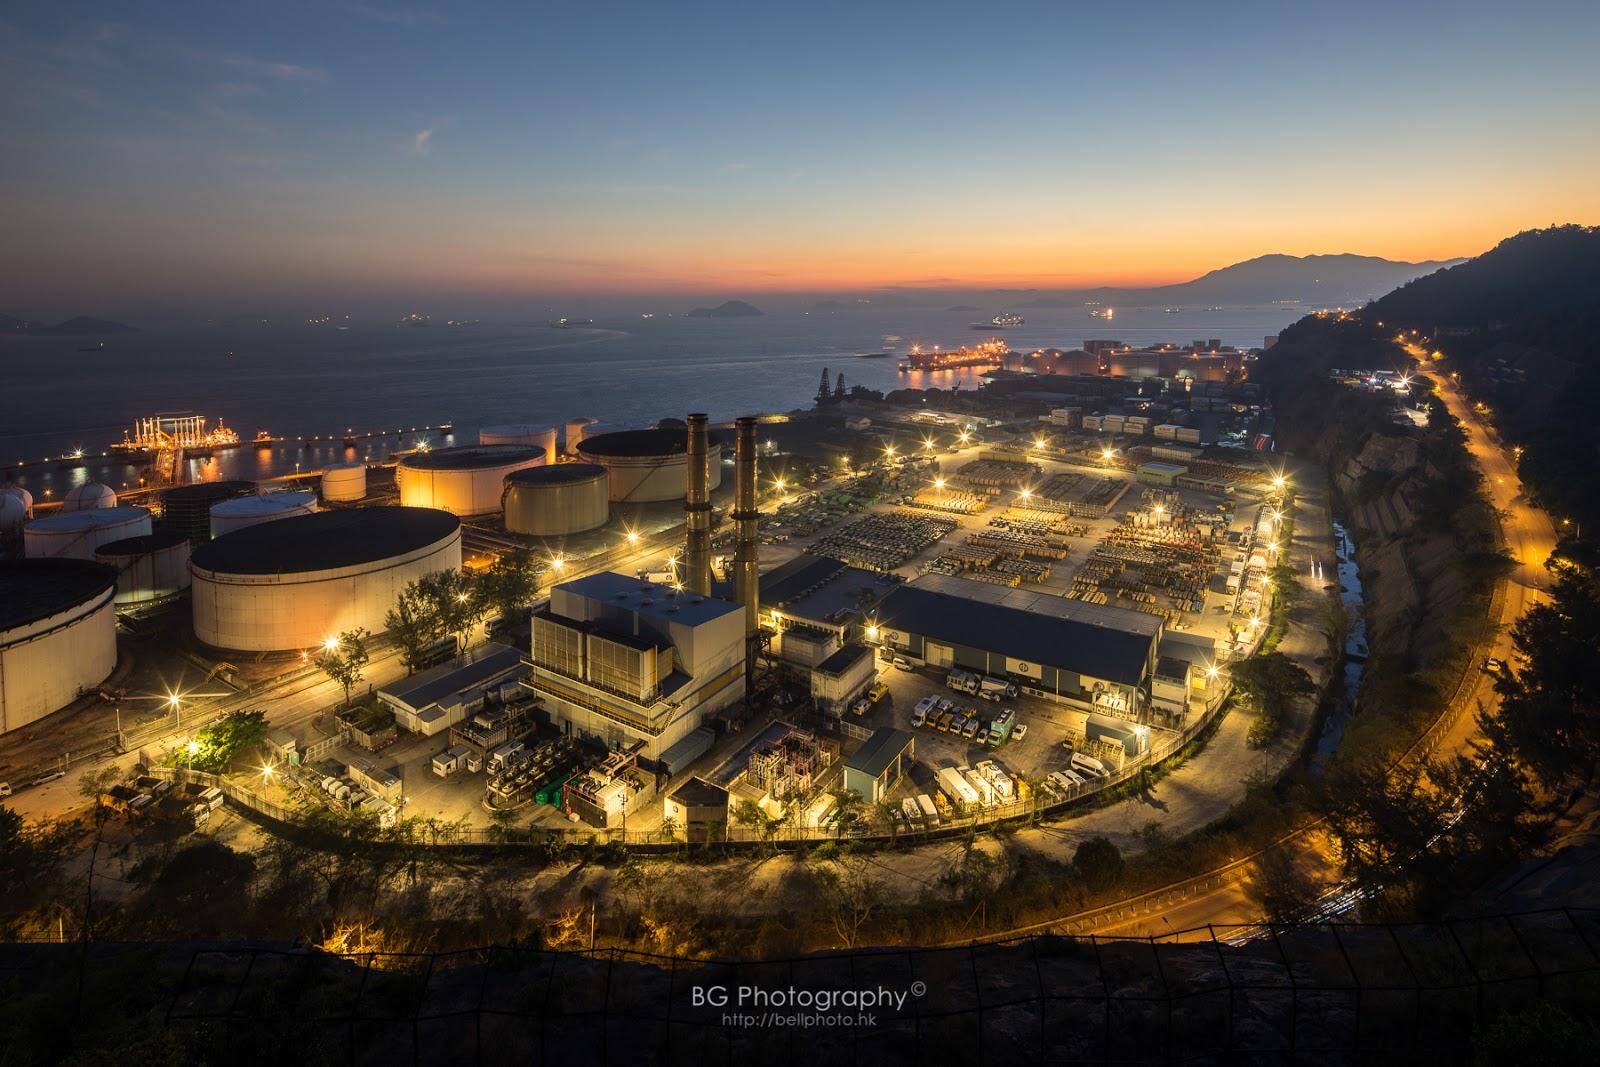 [香港] 攝遊青衣南 - 工場夜景 - blog.bellphoto.hk